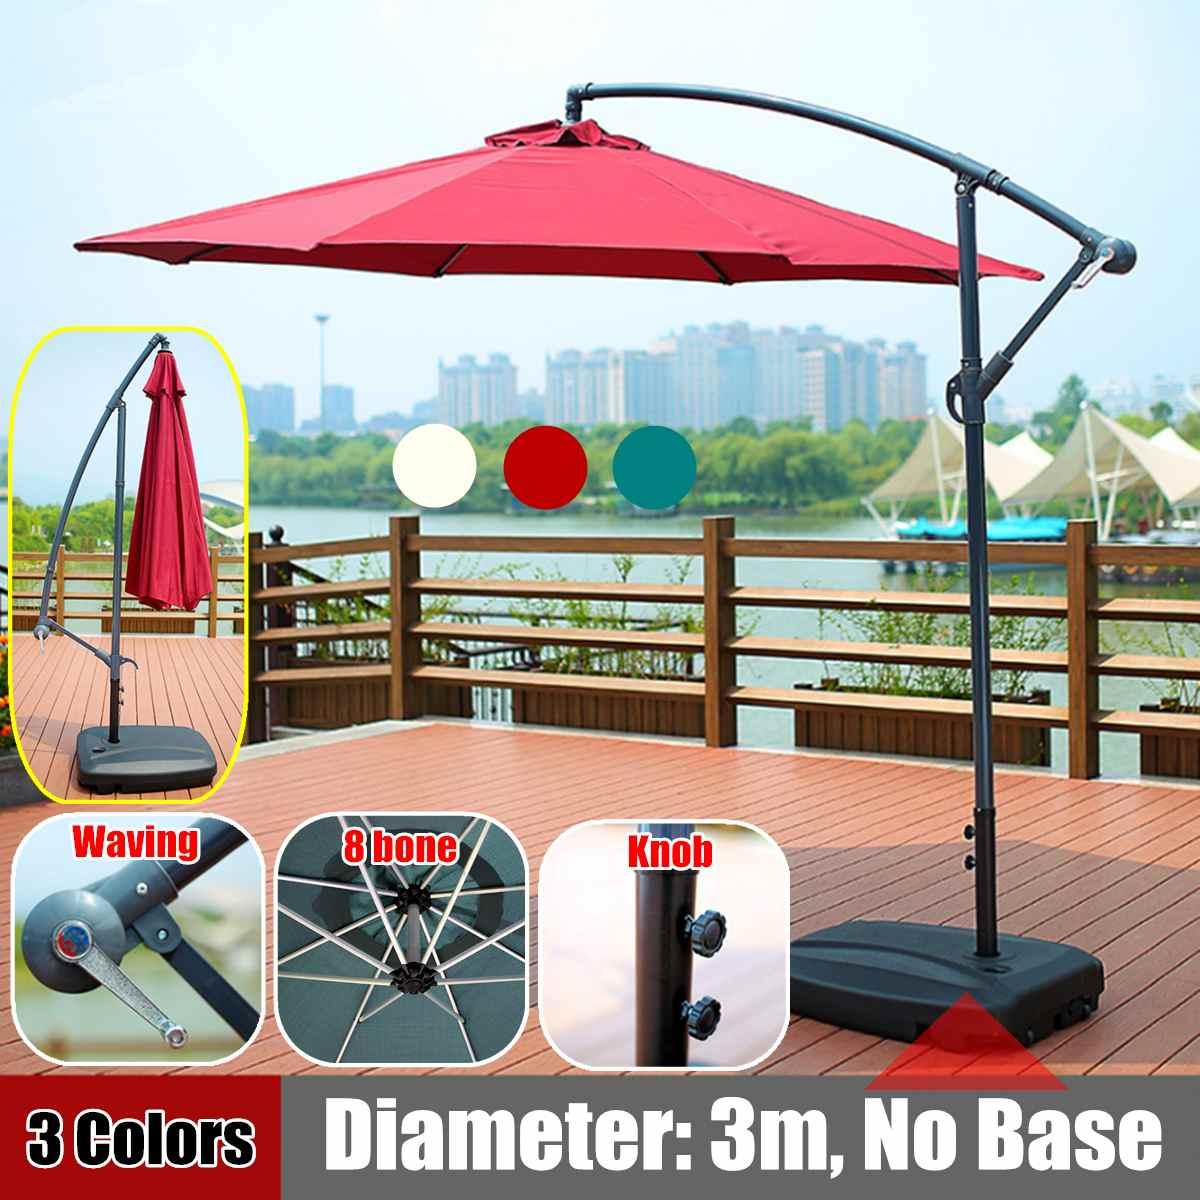 خيمة أكشاك 300 سنتيمتر بإطار حديدي ، مظلة قابلة للتعديل ، فناء خارجي ، حديقة ، مظلة 8 عظام ، مظلة ، مقاومة للماء ، غطاء مضاد للأشعة فوق البنفسجية